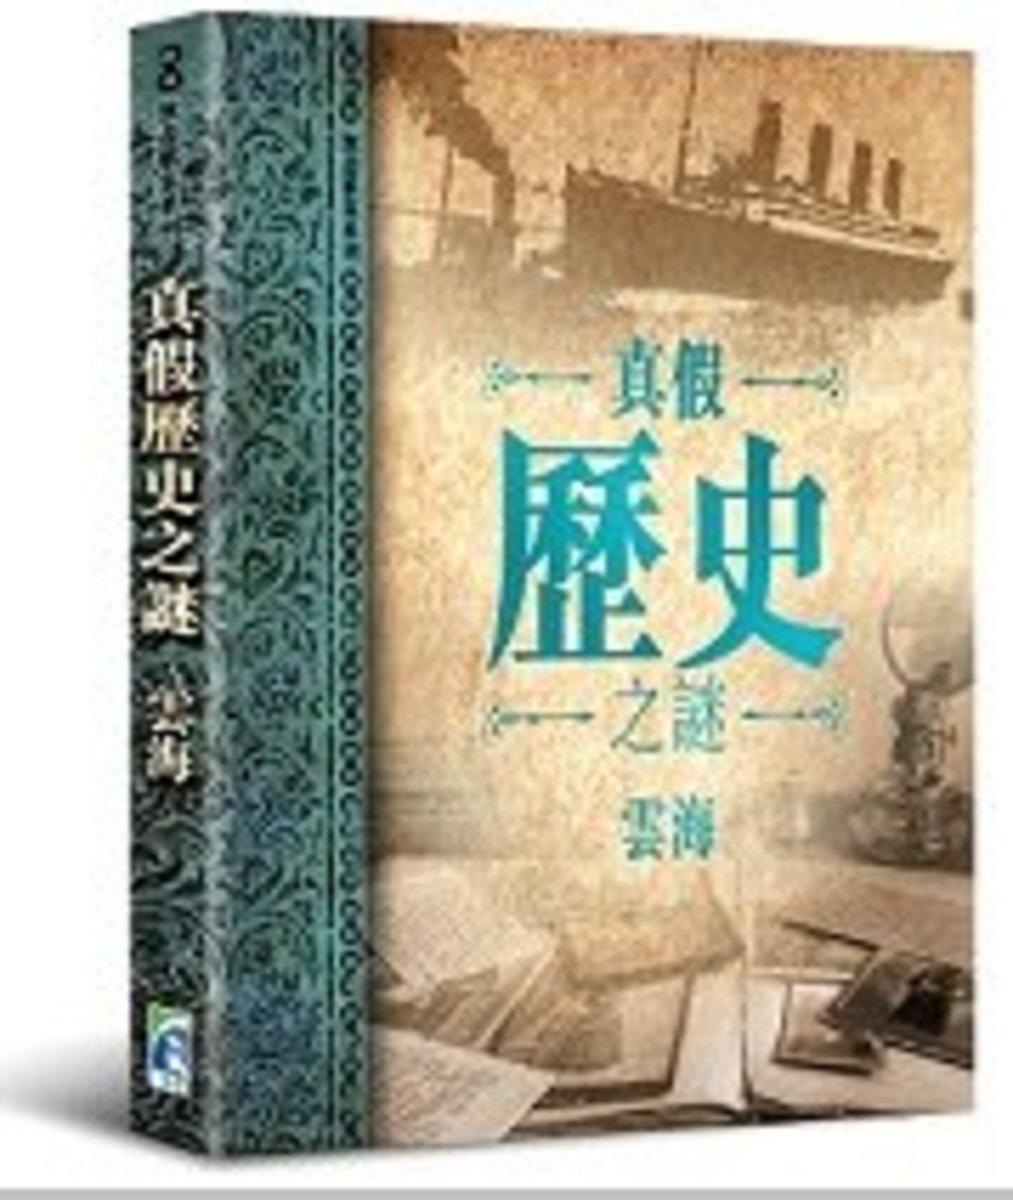 真假歷史之謎(無盡檔案系列) | 雲海